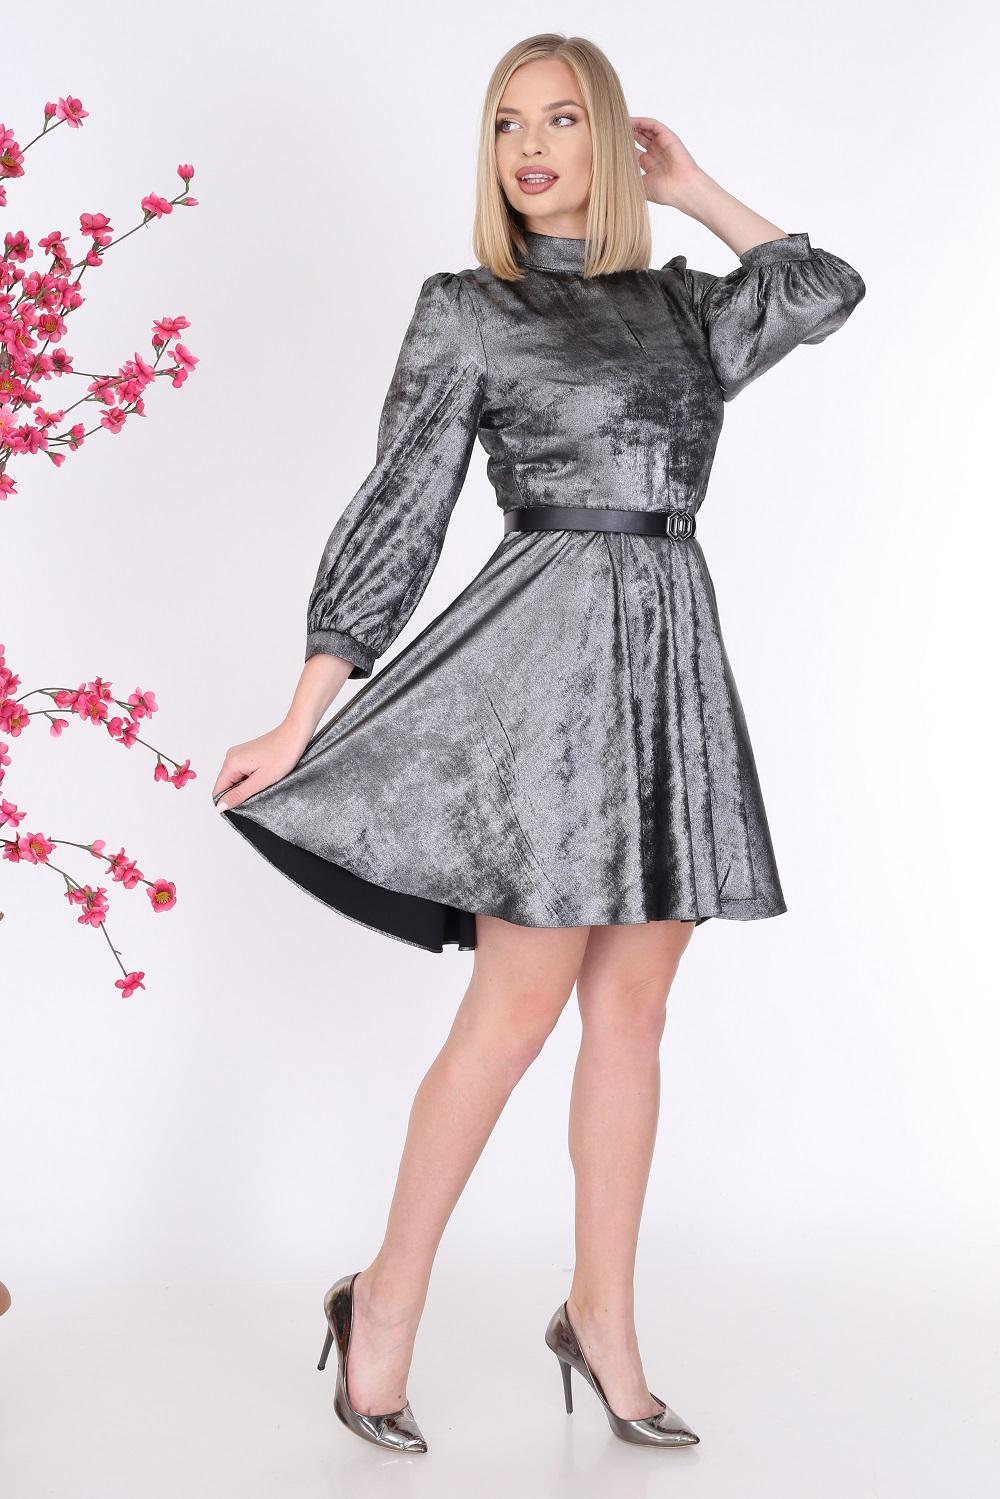 Parlak Gümüş Renk Elbise